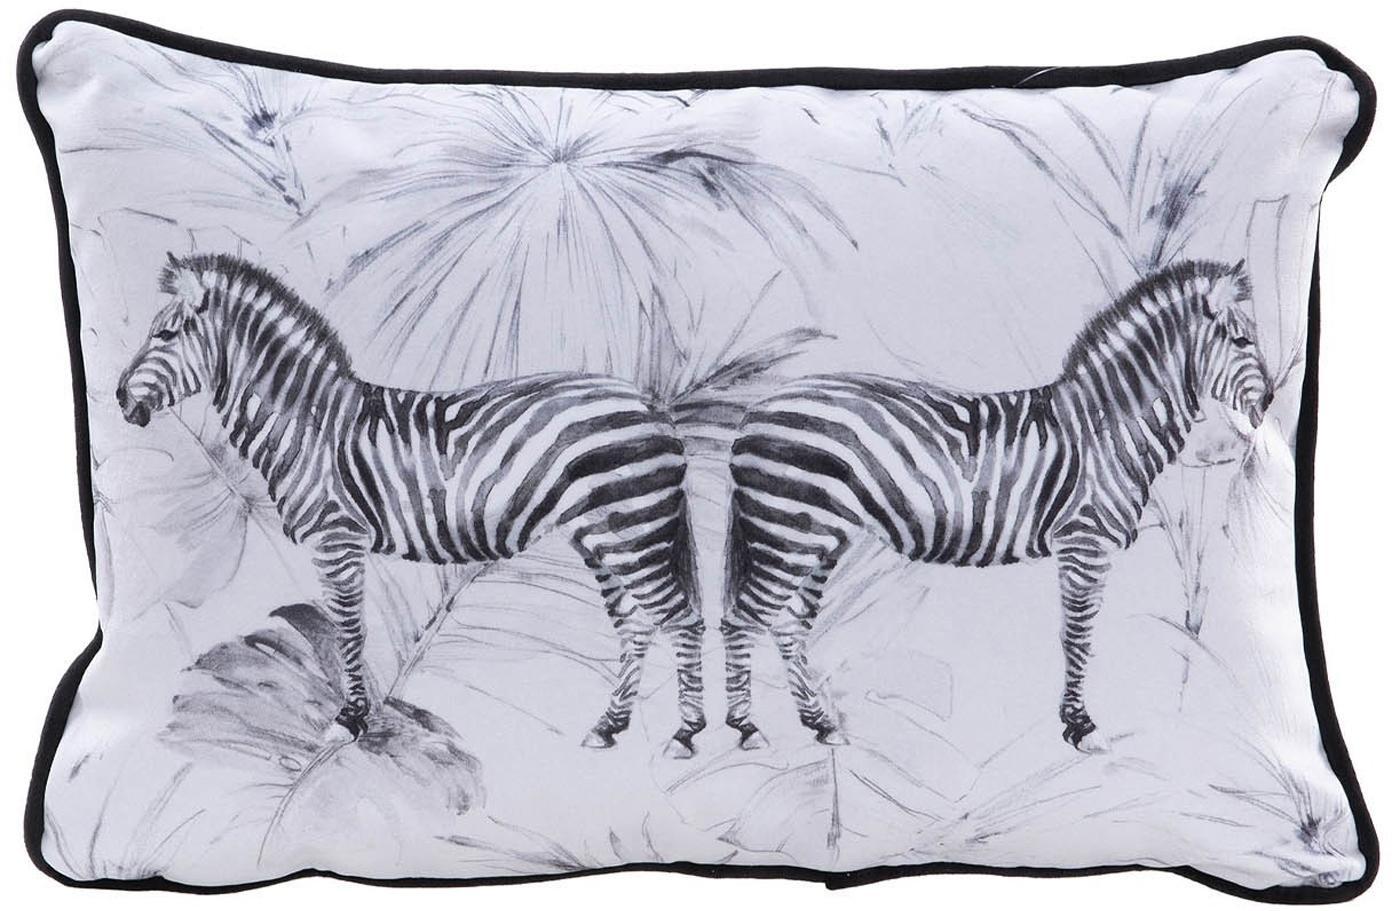 Cojín de terciopelo Zebra, con relleno, Terciopelo de poliéster, Blanco, negro, An 30 x L 45 cm